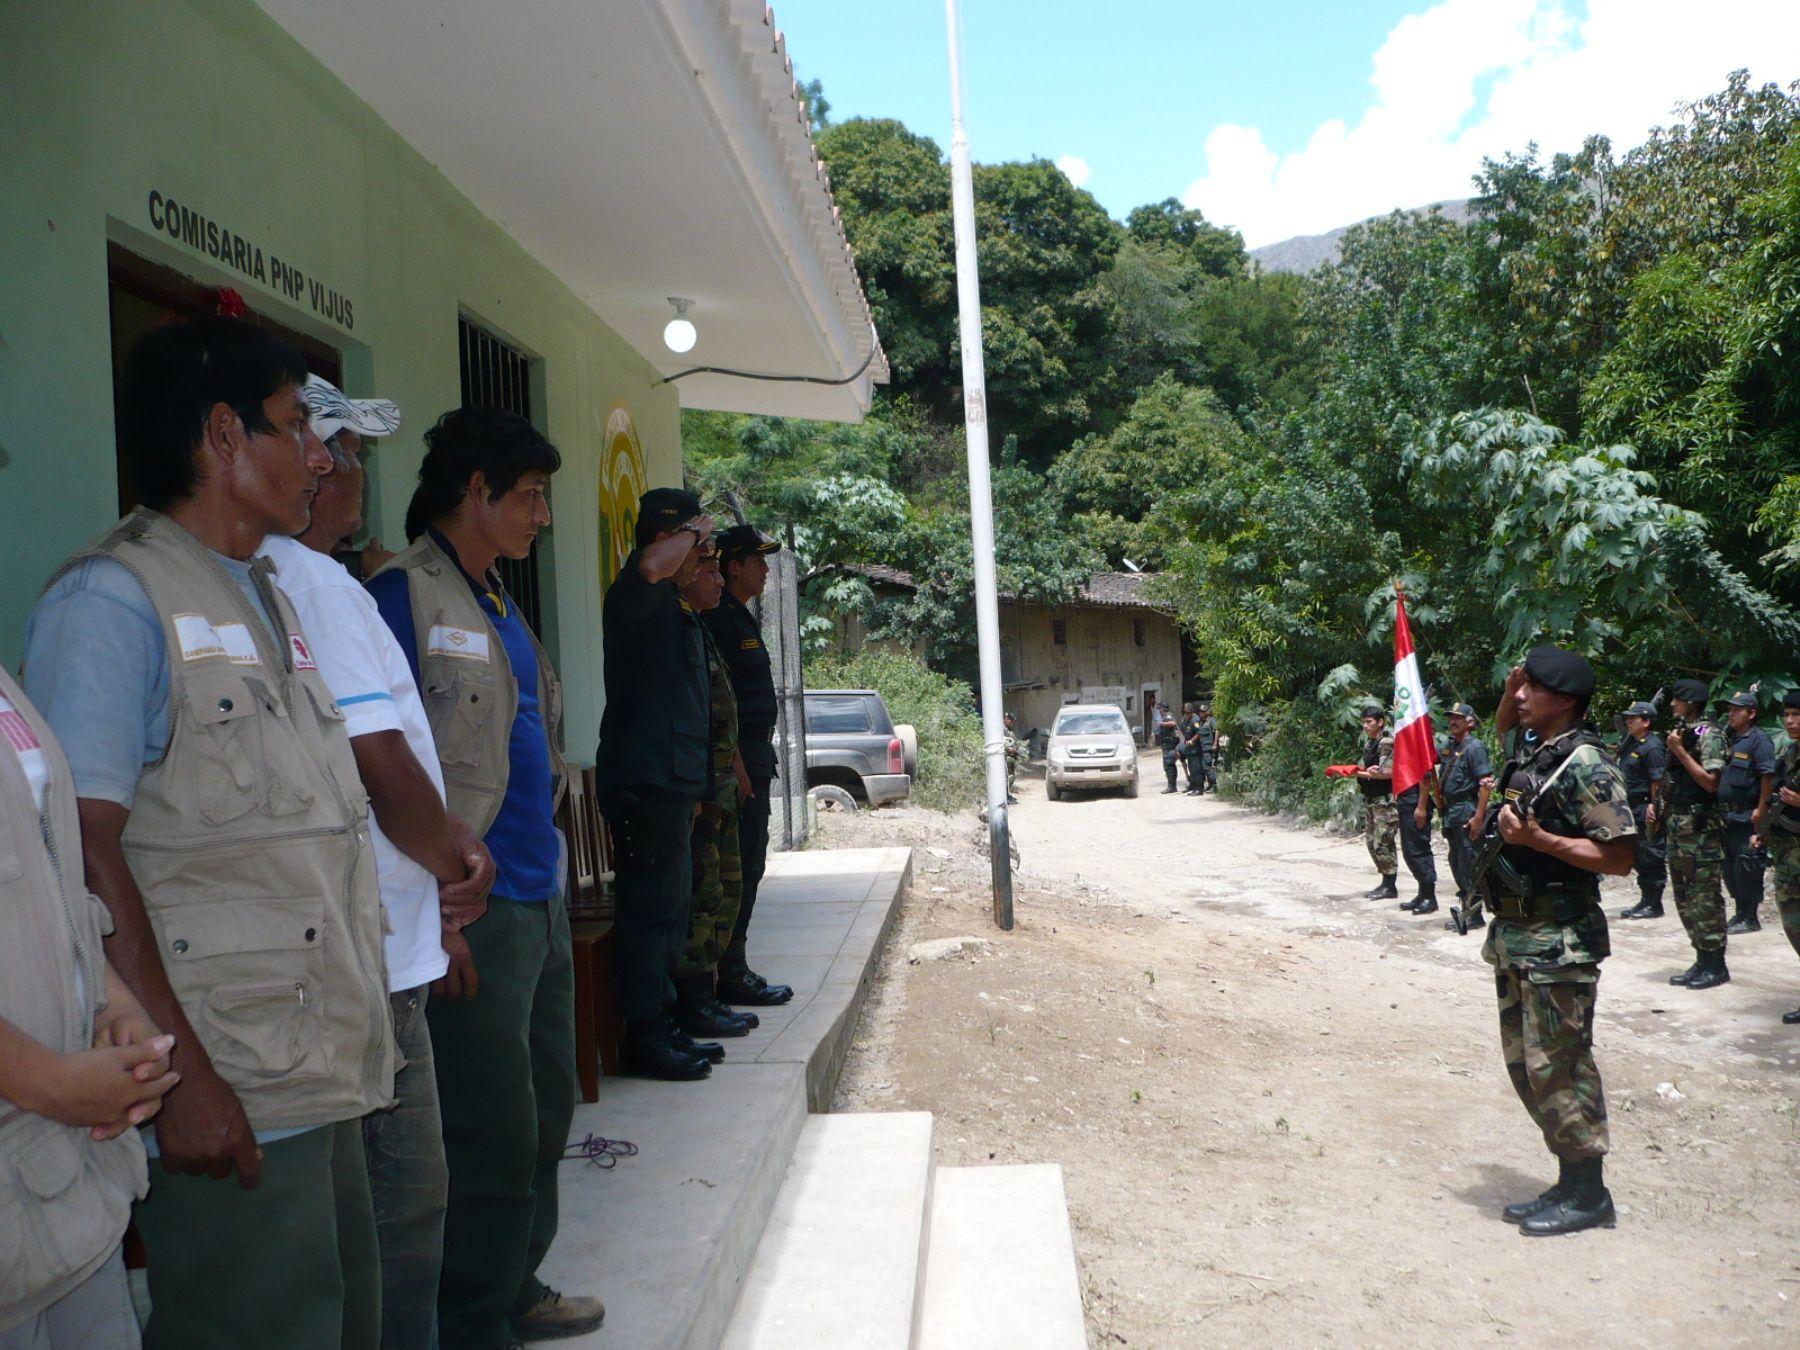 Comisaría del anexo de Vijus, en el distrito y la provincia de Pataz, La Libertad.